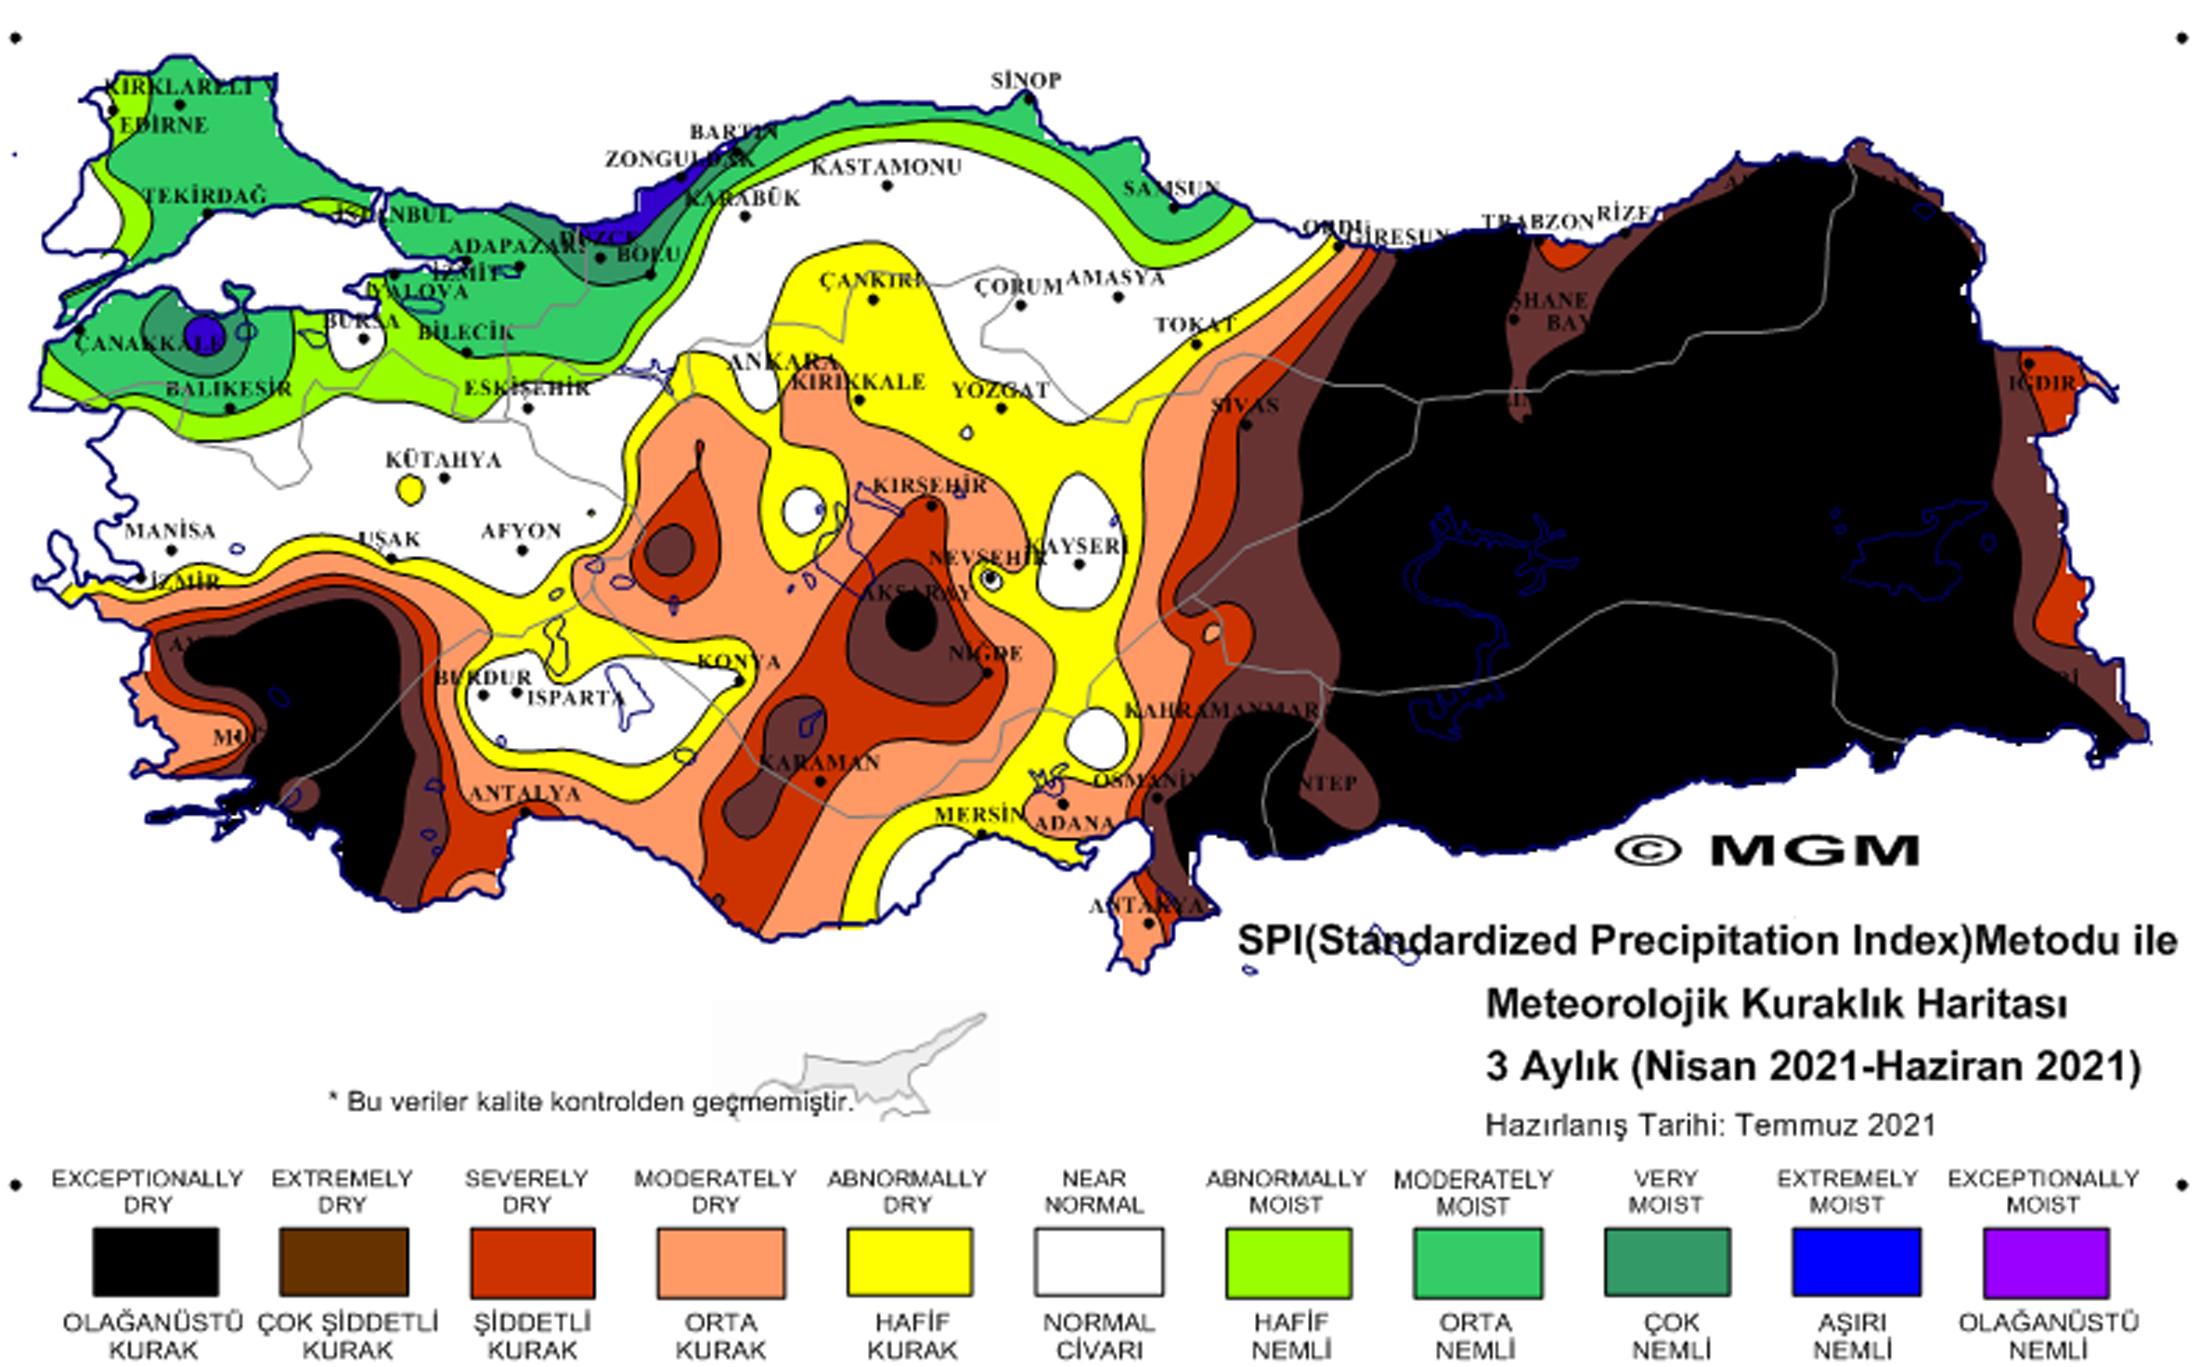 Aşırı kuraklık alarmı: Türkiye'de su açığı yüzde 60; önümüzdeki 10 yılda su krizi yaşanacak